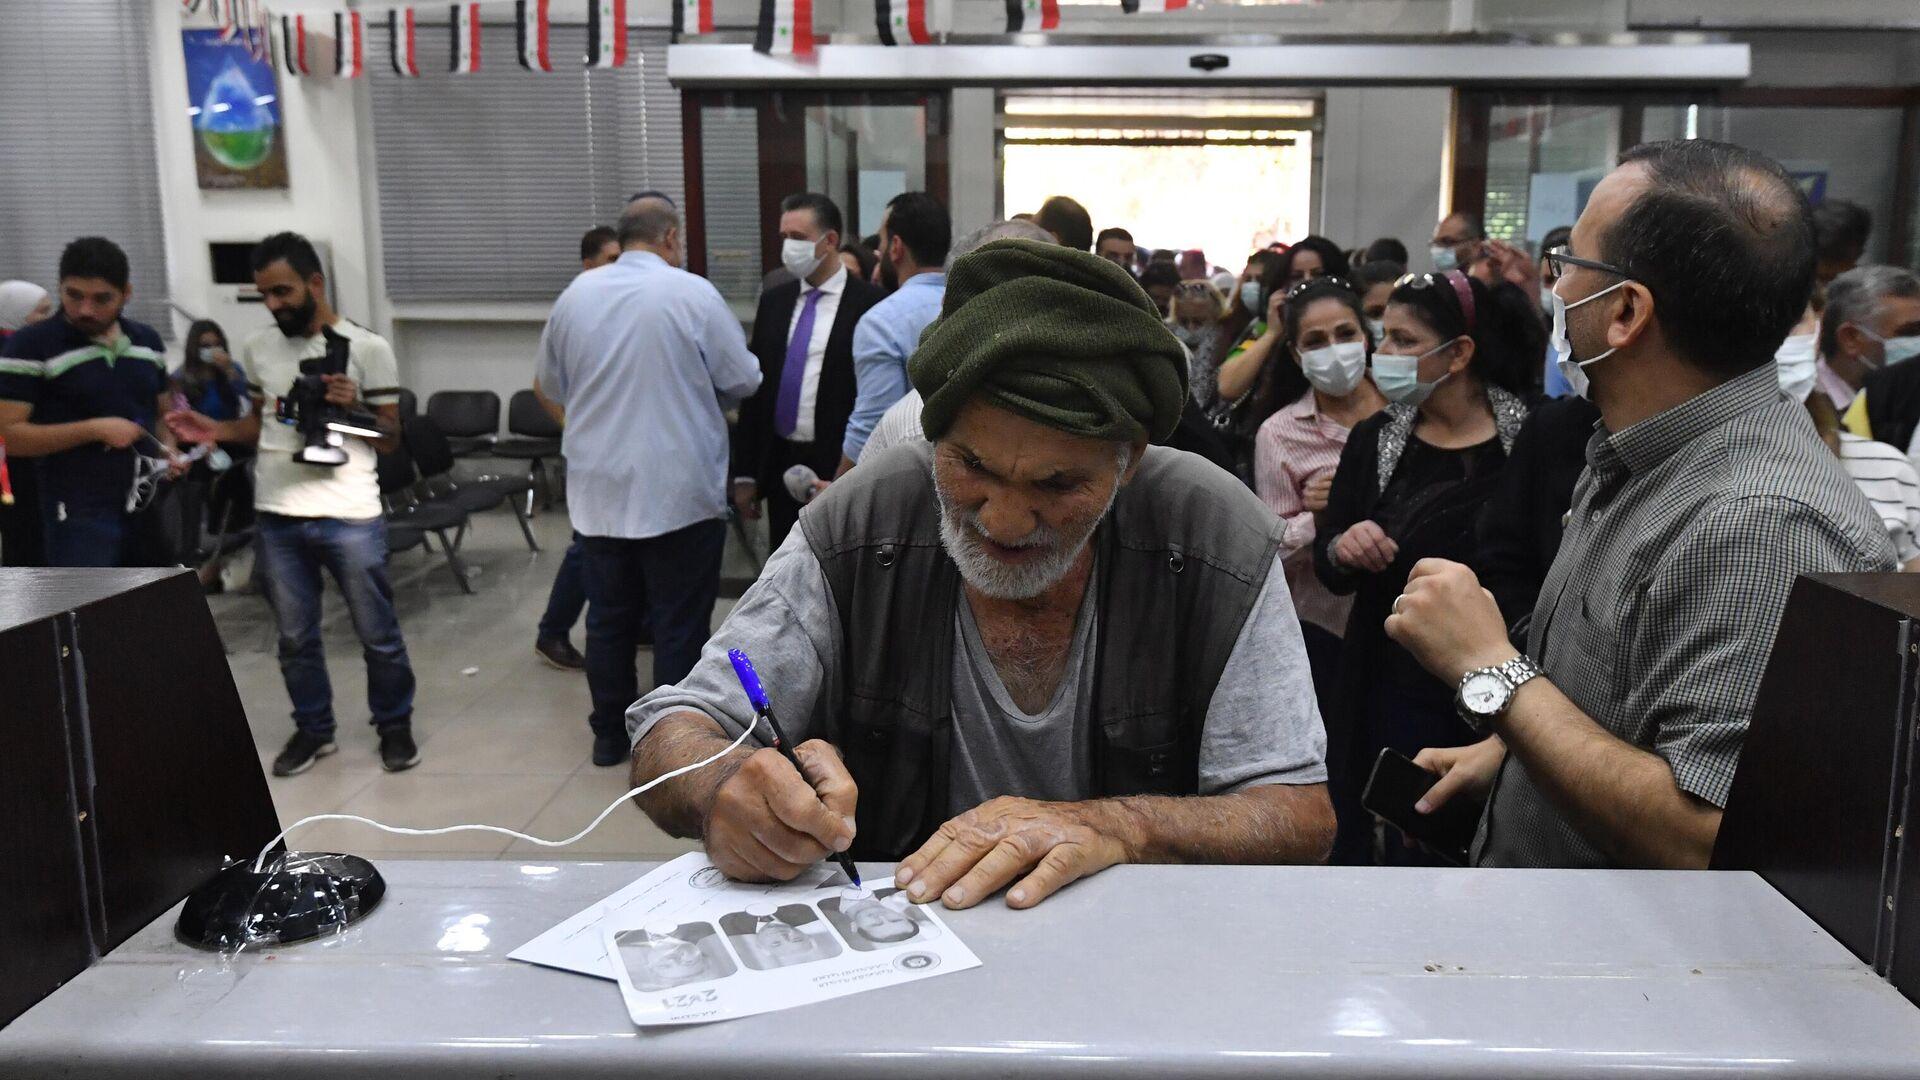 Мужчина голосует на выборах президента Сирии на одном из избирательных участков Дамаска - РИА Новости, 1920, 27.05.2021